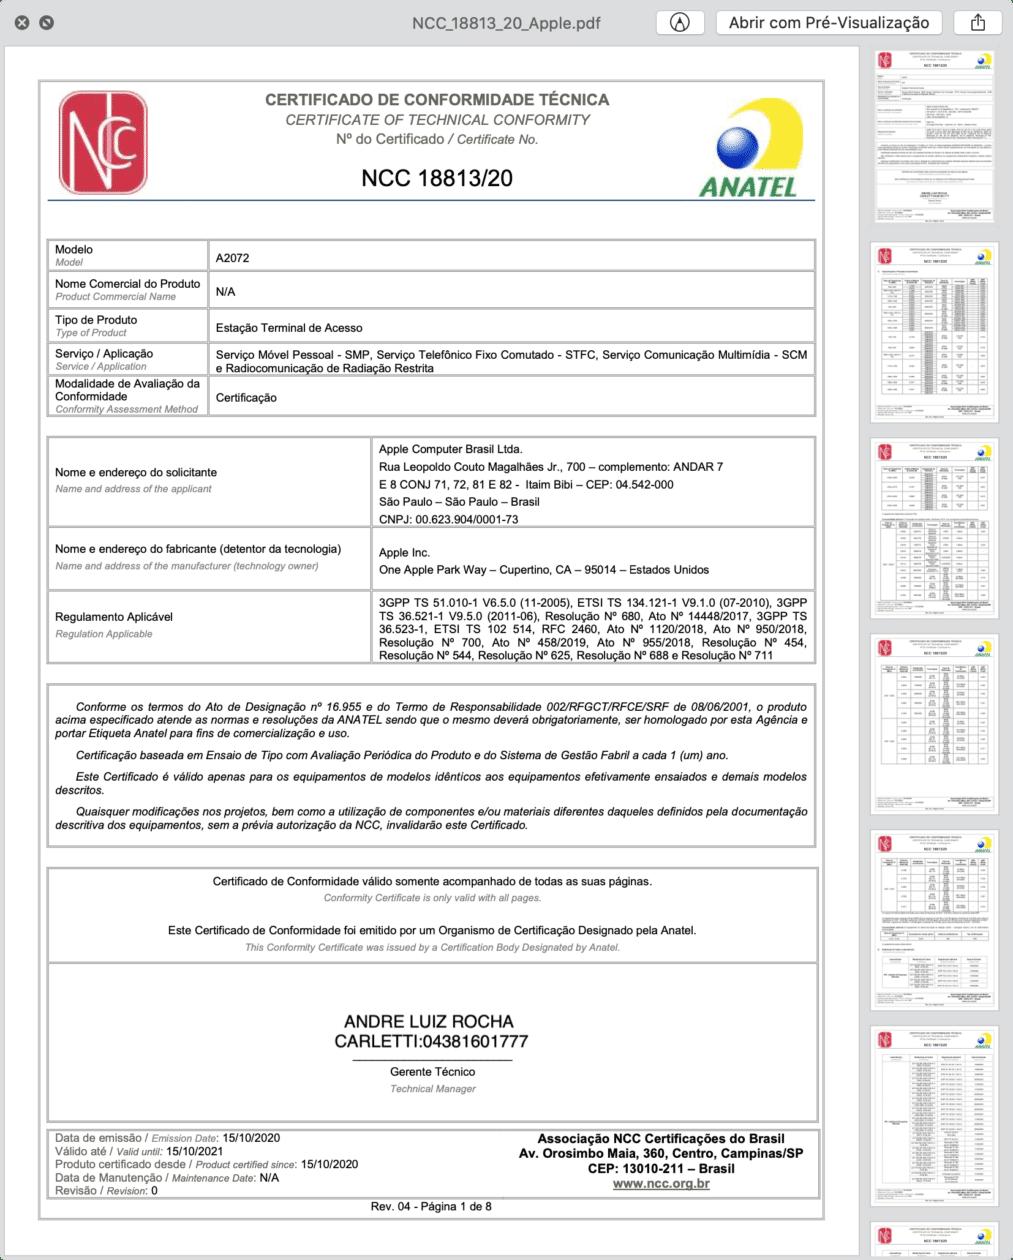 Certificado de Conformidade Técnica do A2072